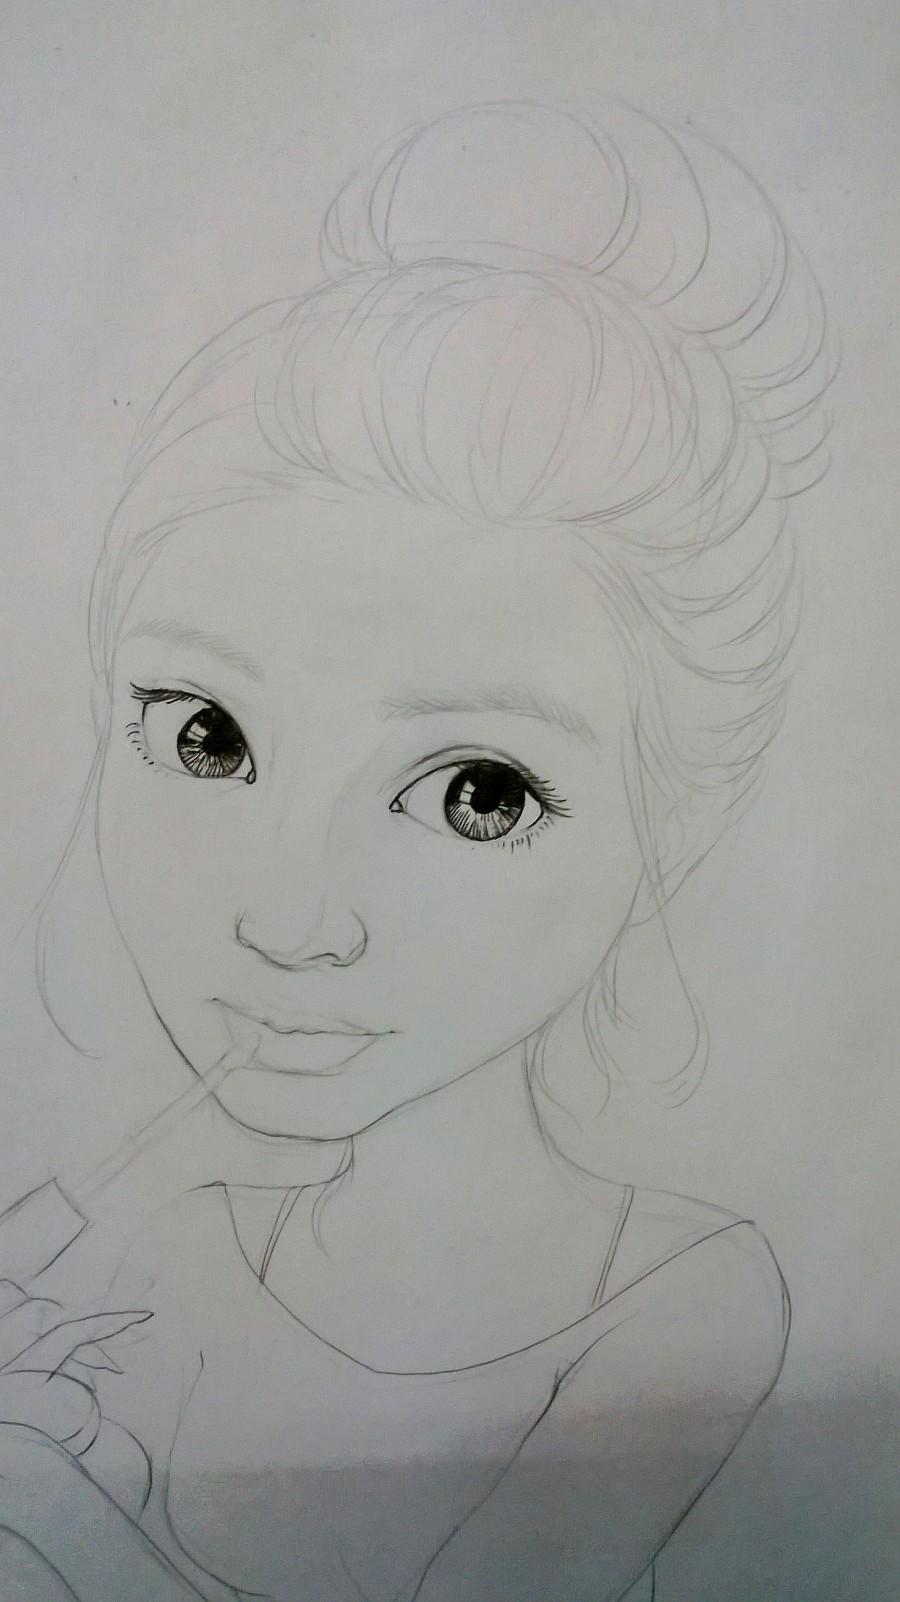 彩铅素描半卡通——大眼睛姑娘|彩铅|纯艺术|航妹